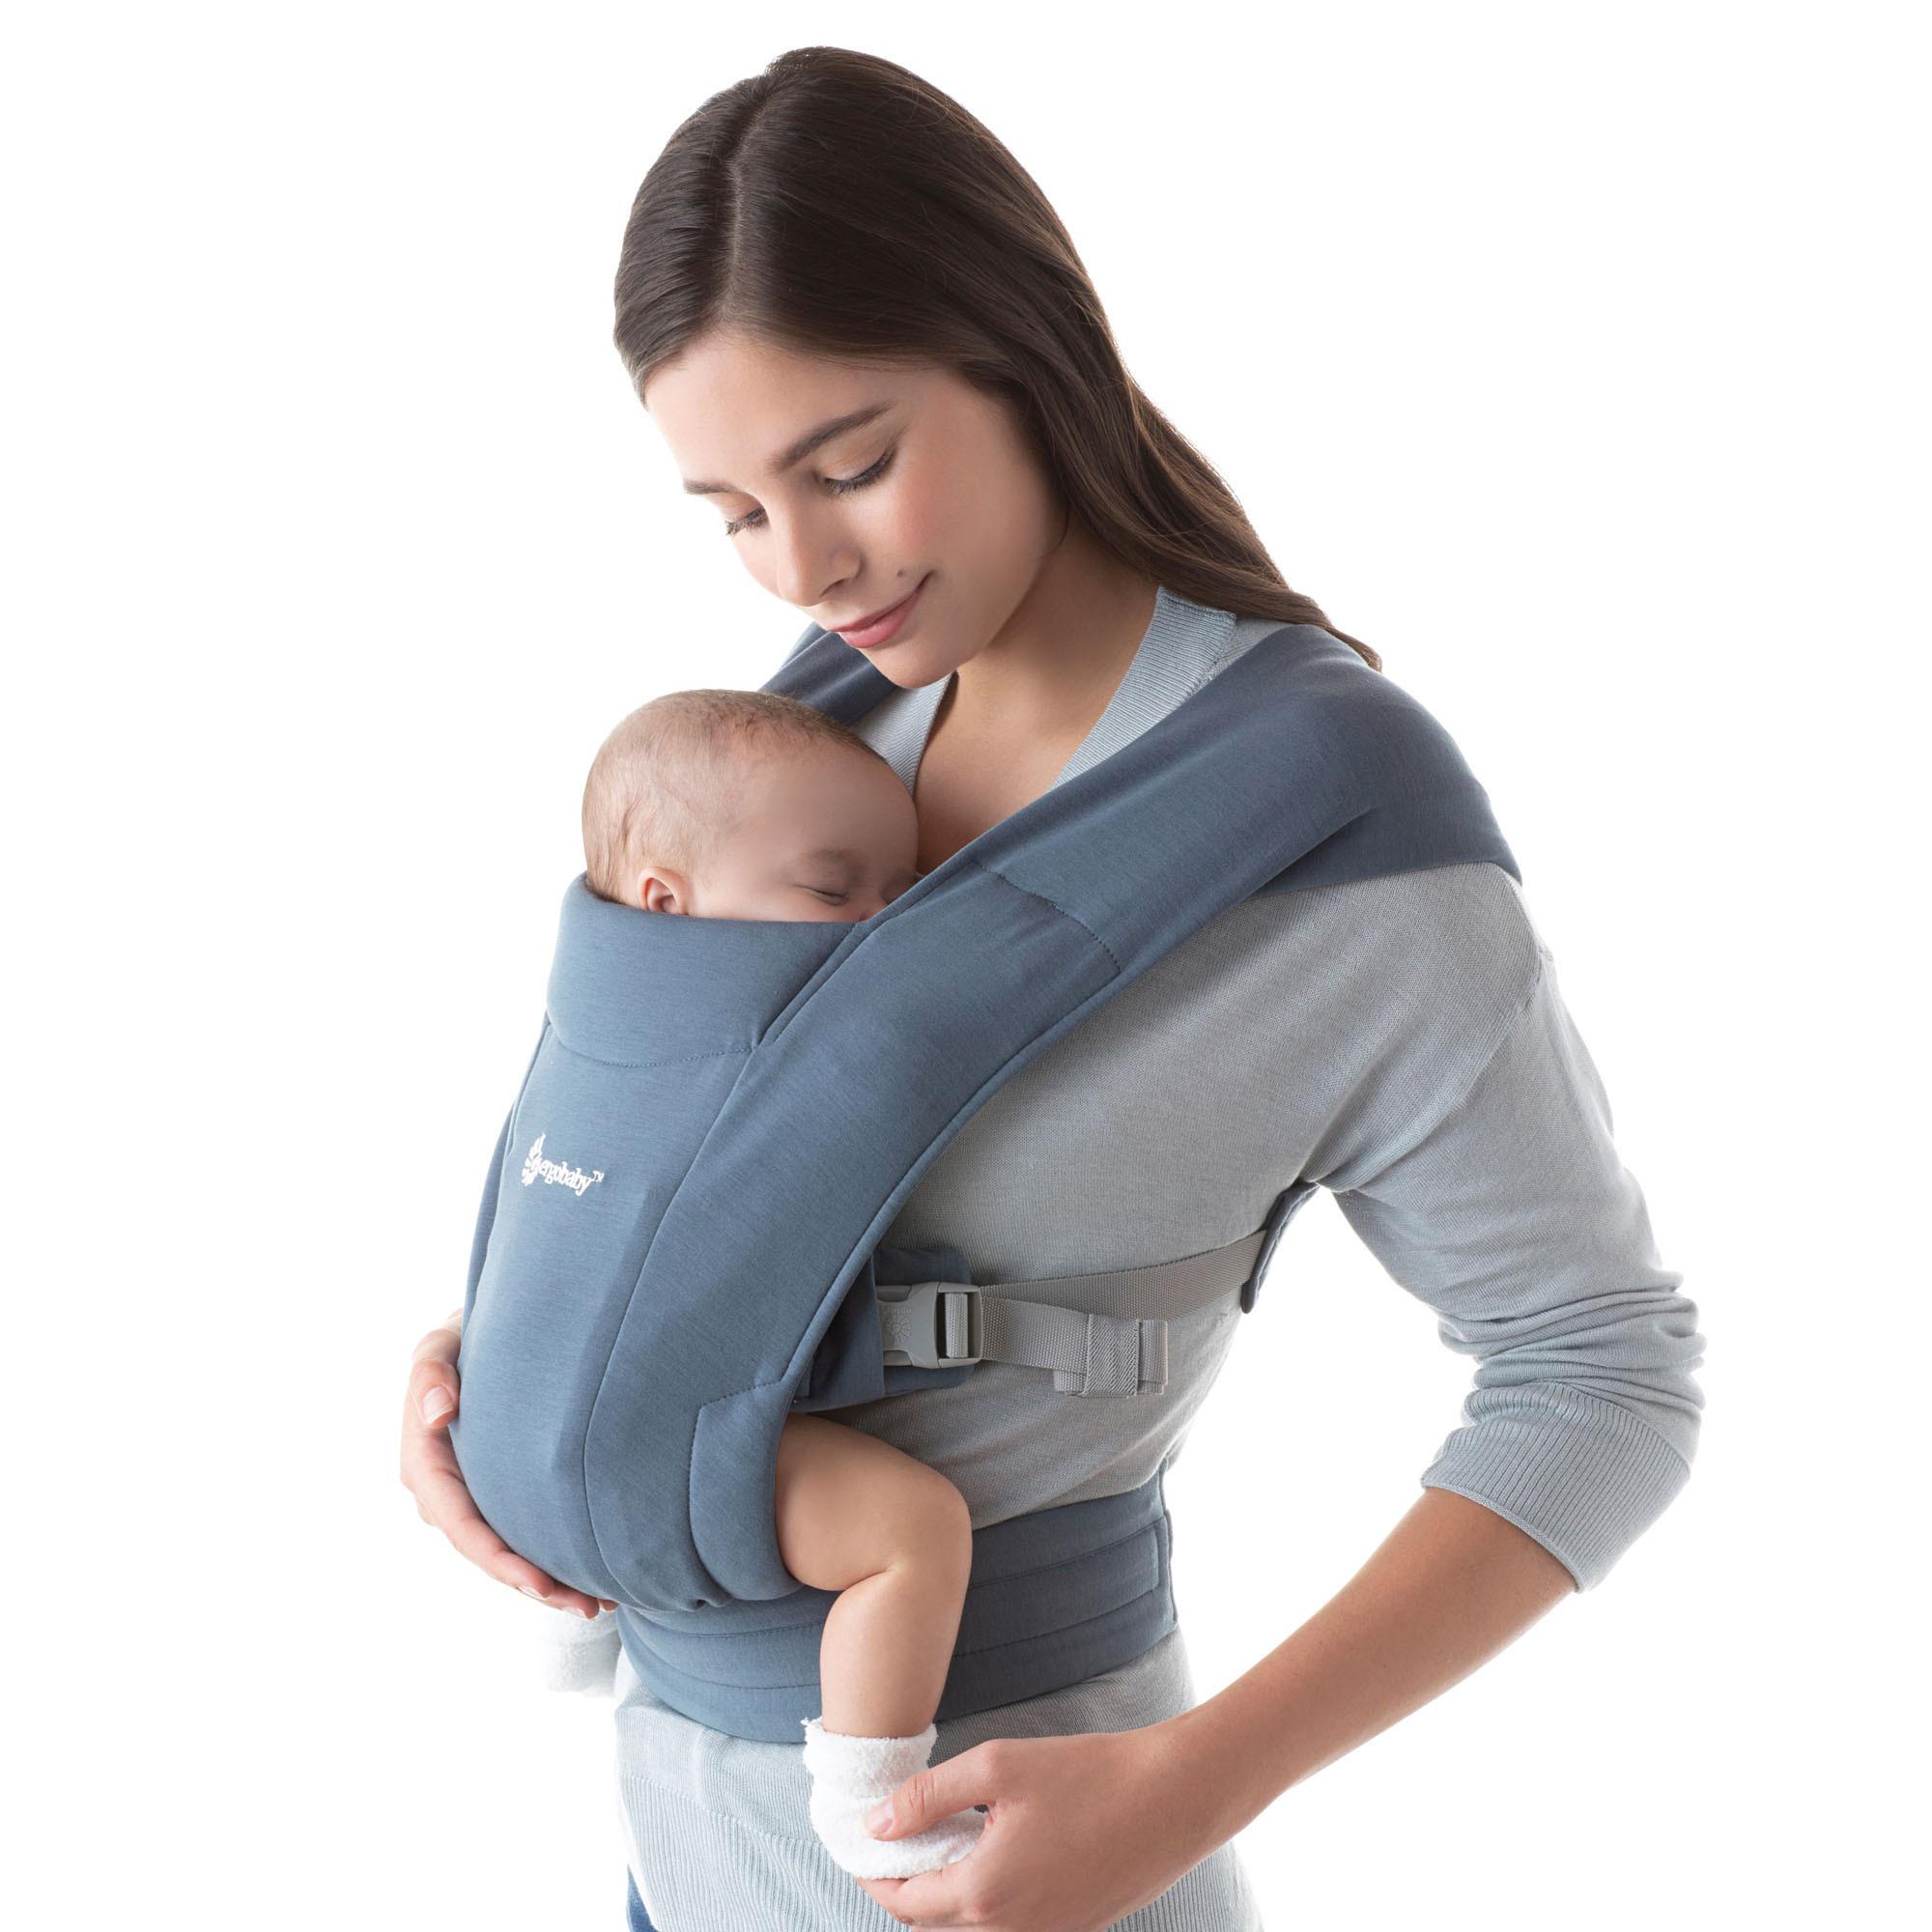 Babydraagzak Embrace oxford blue-1